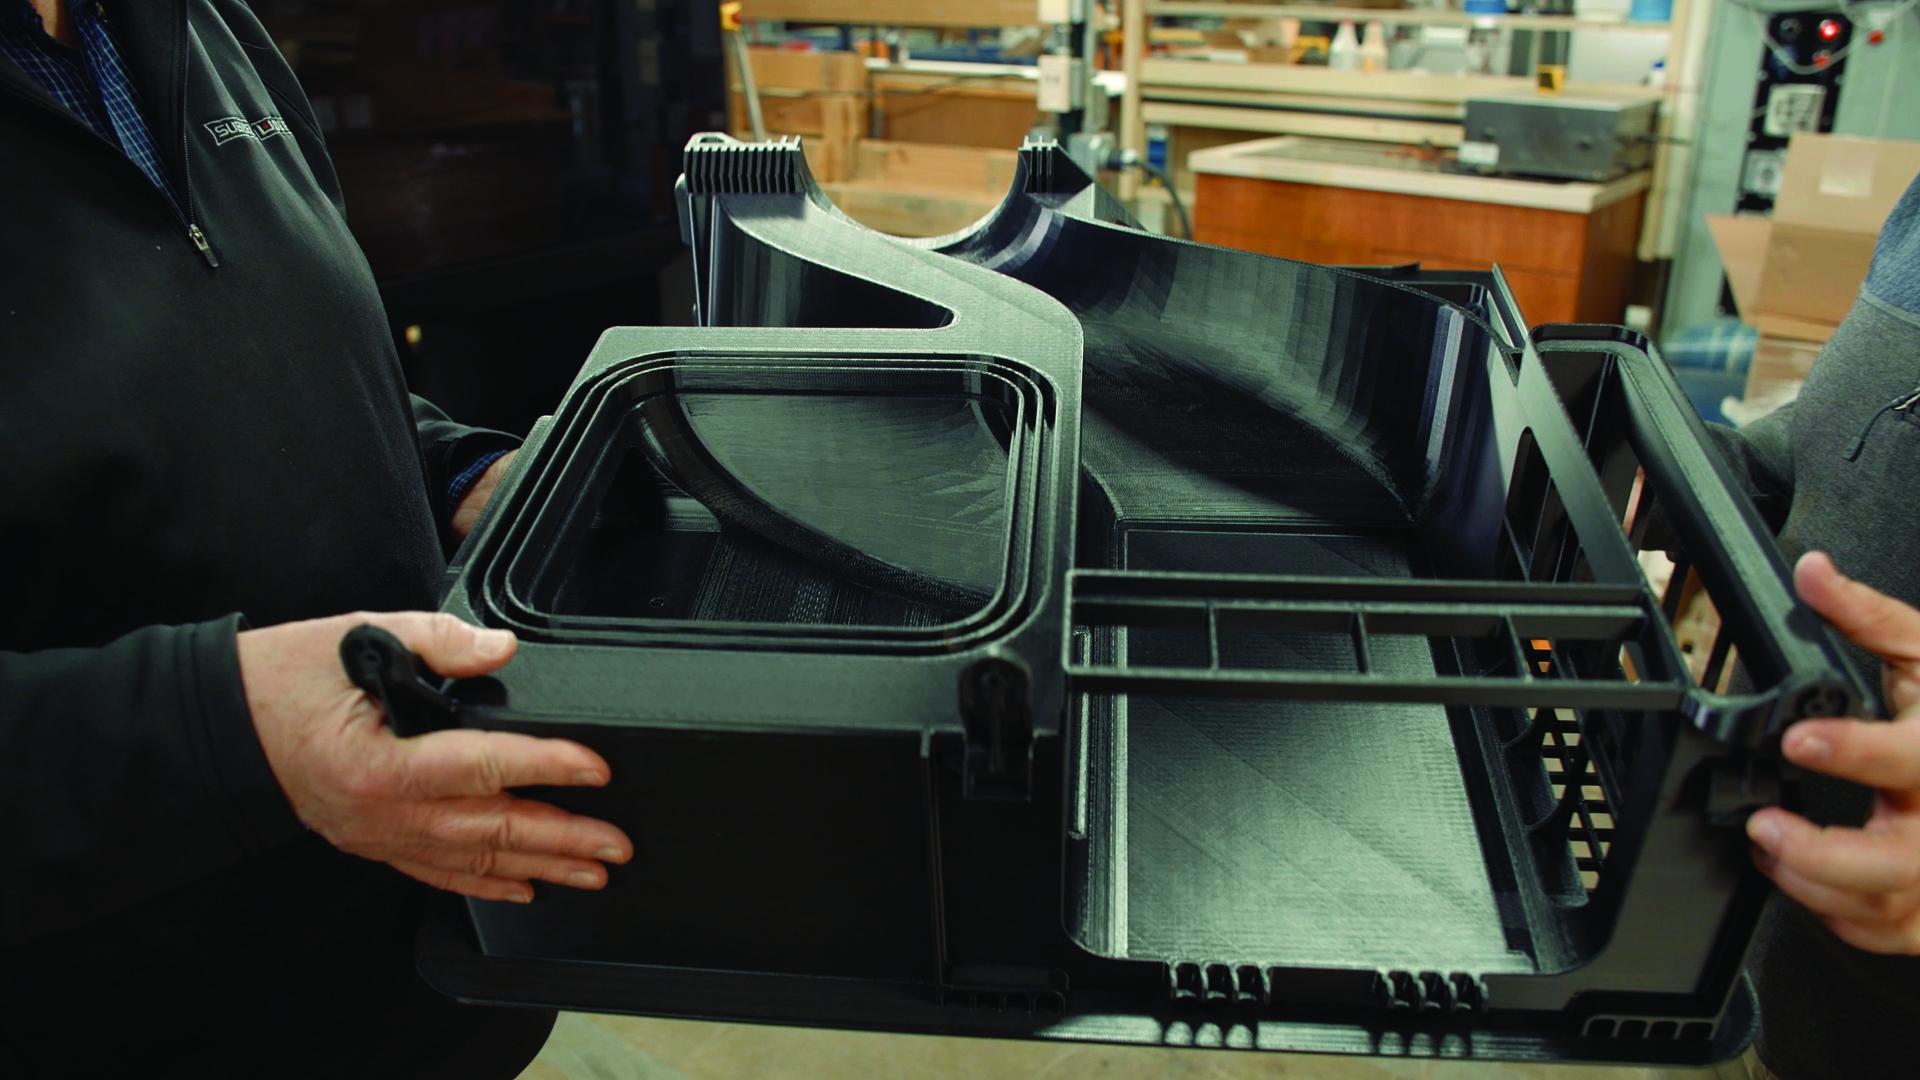 3D printed Sub-Zero appliance using the Stratasys F770. Photo via Stratasys.